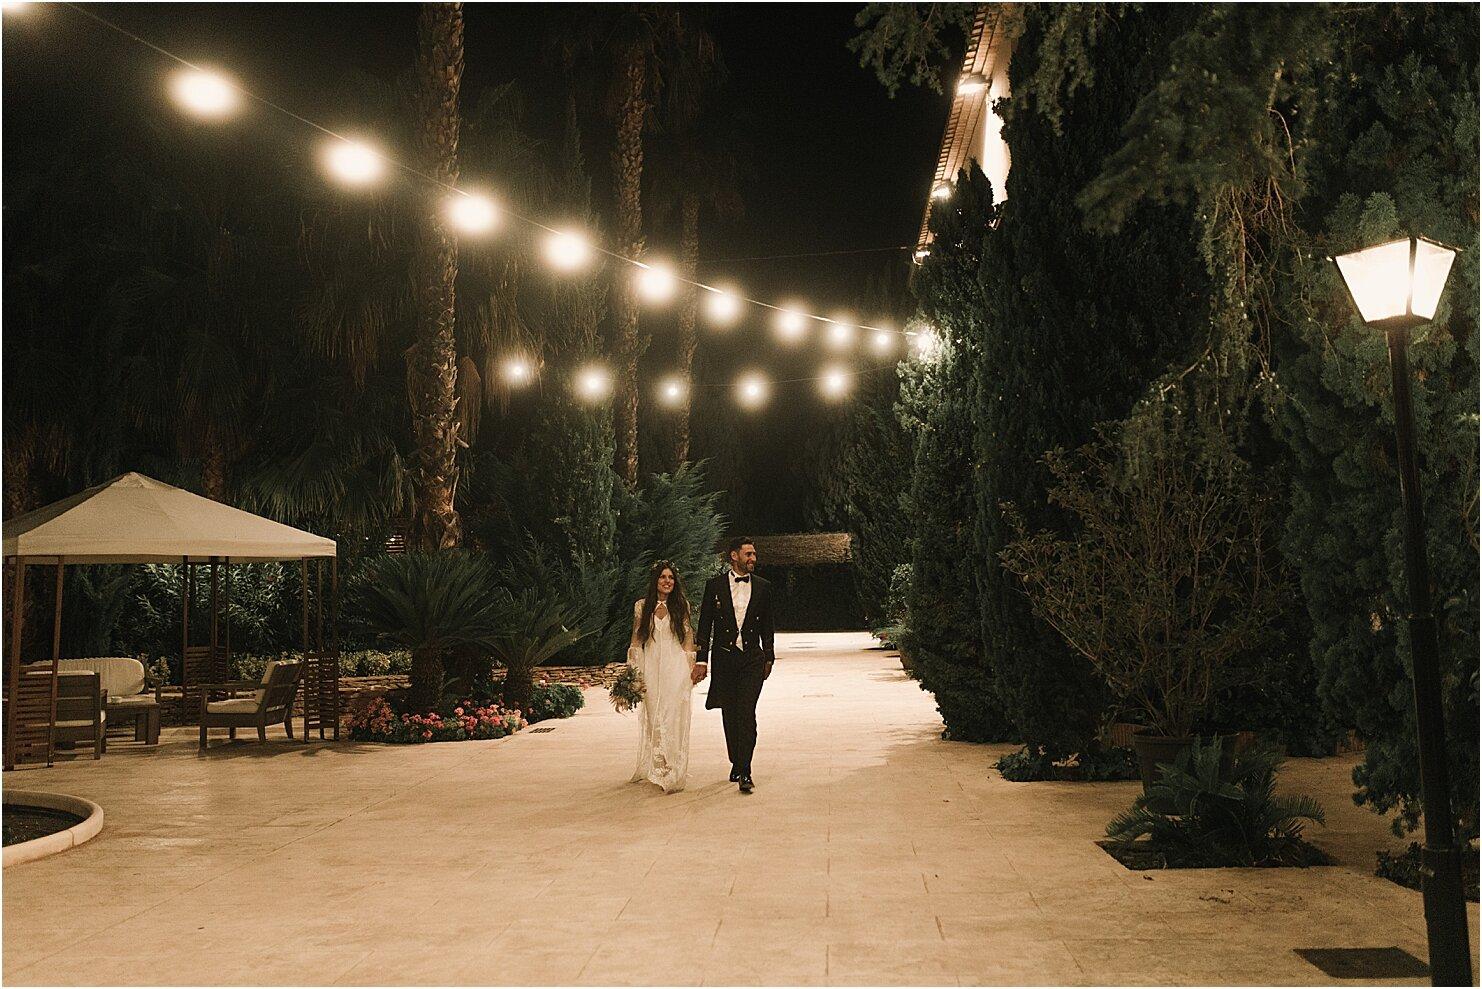 boda-romantica-boda-boho-vestido-de-novia-laura-lomas72.jpg